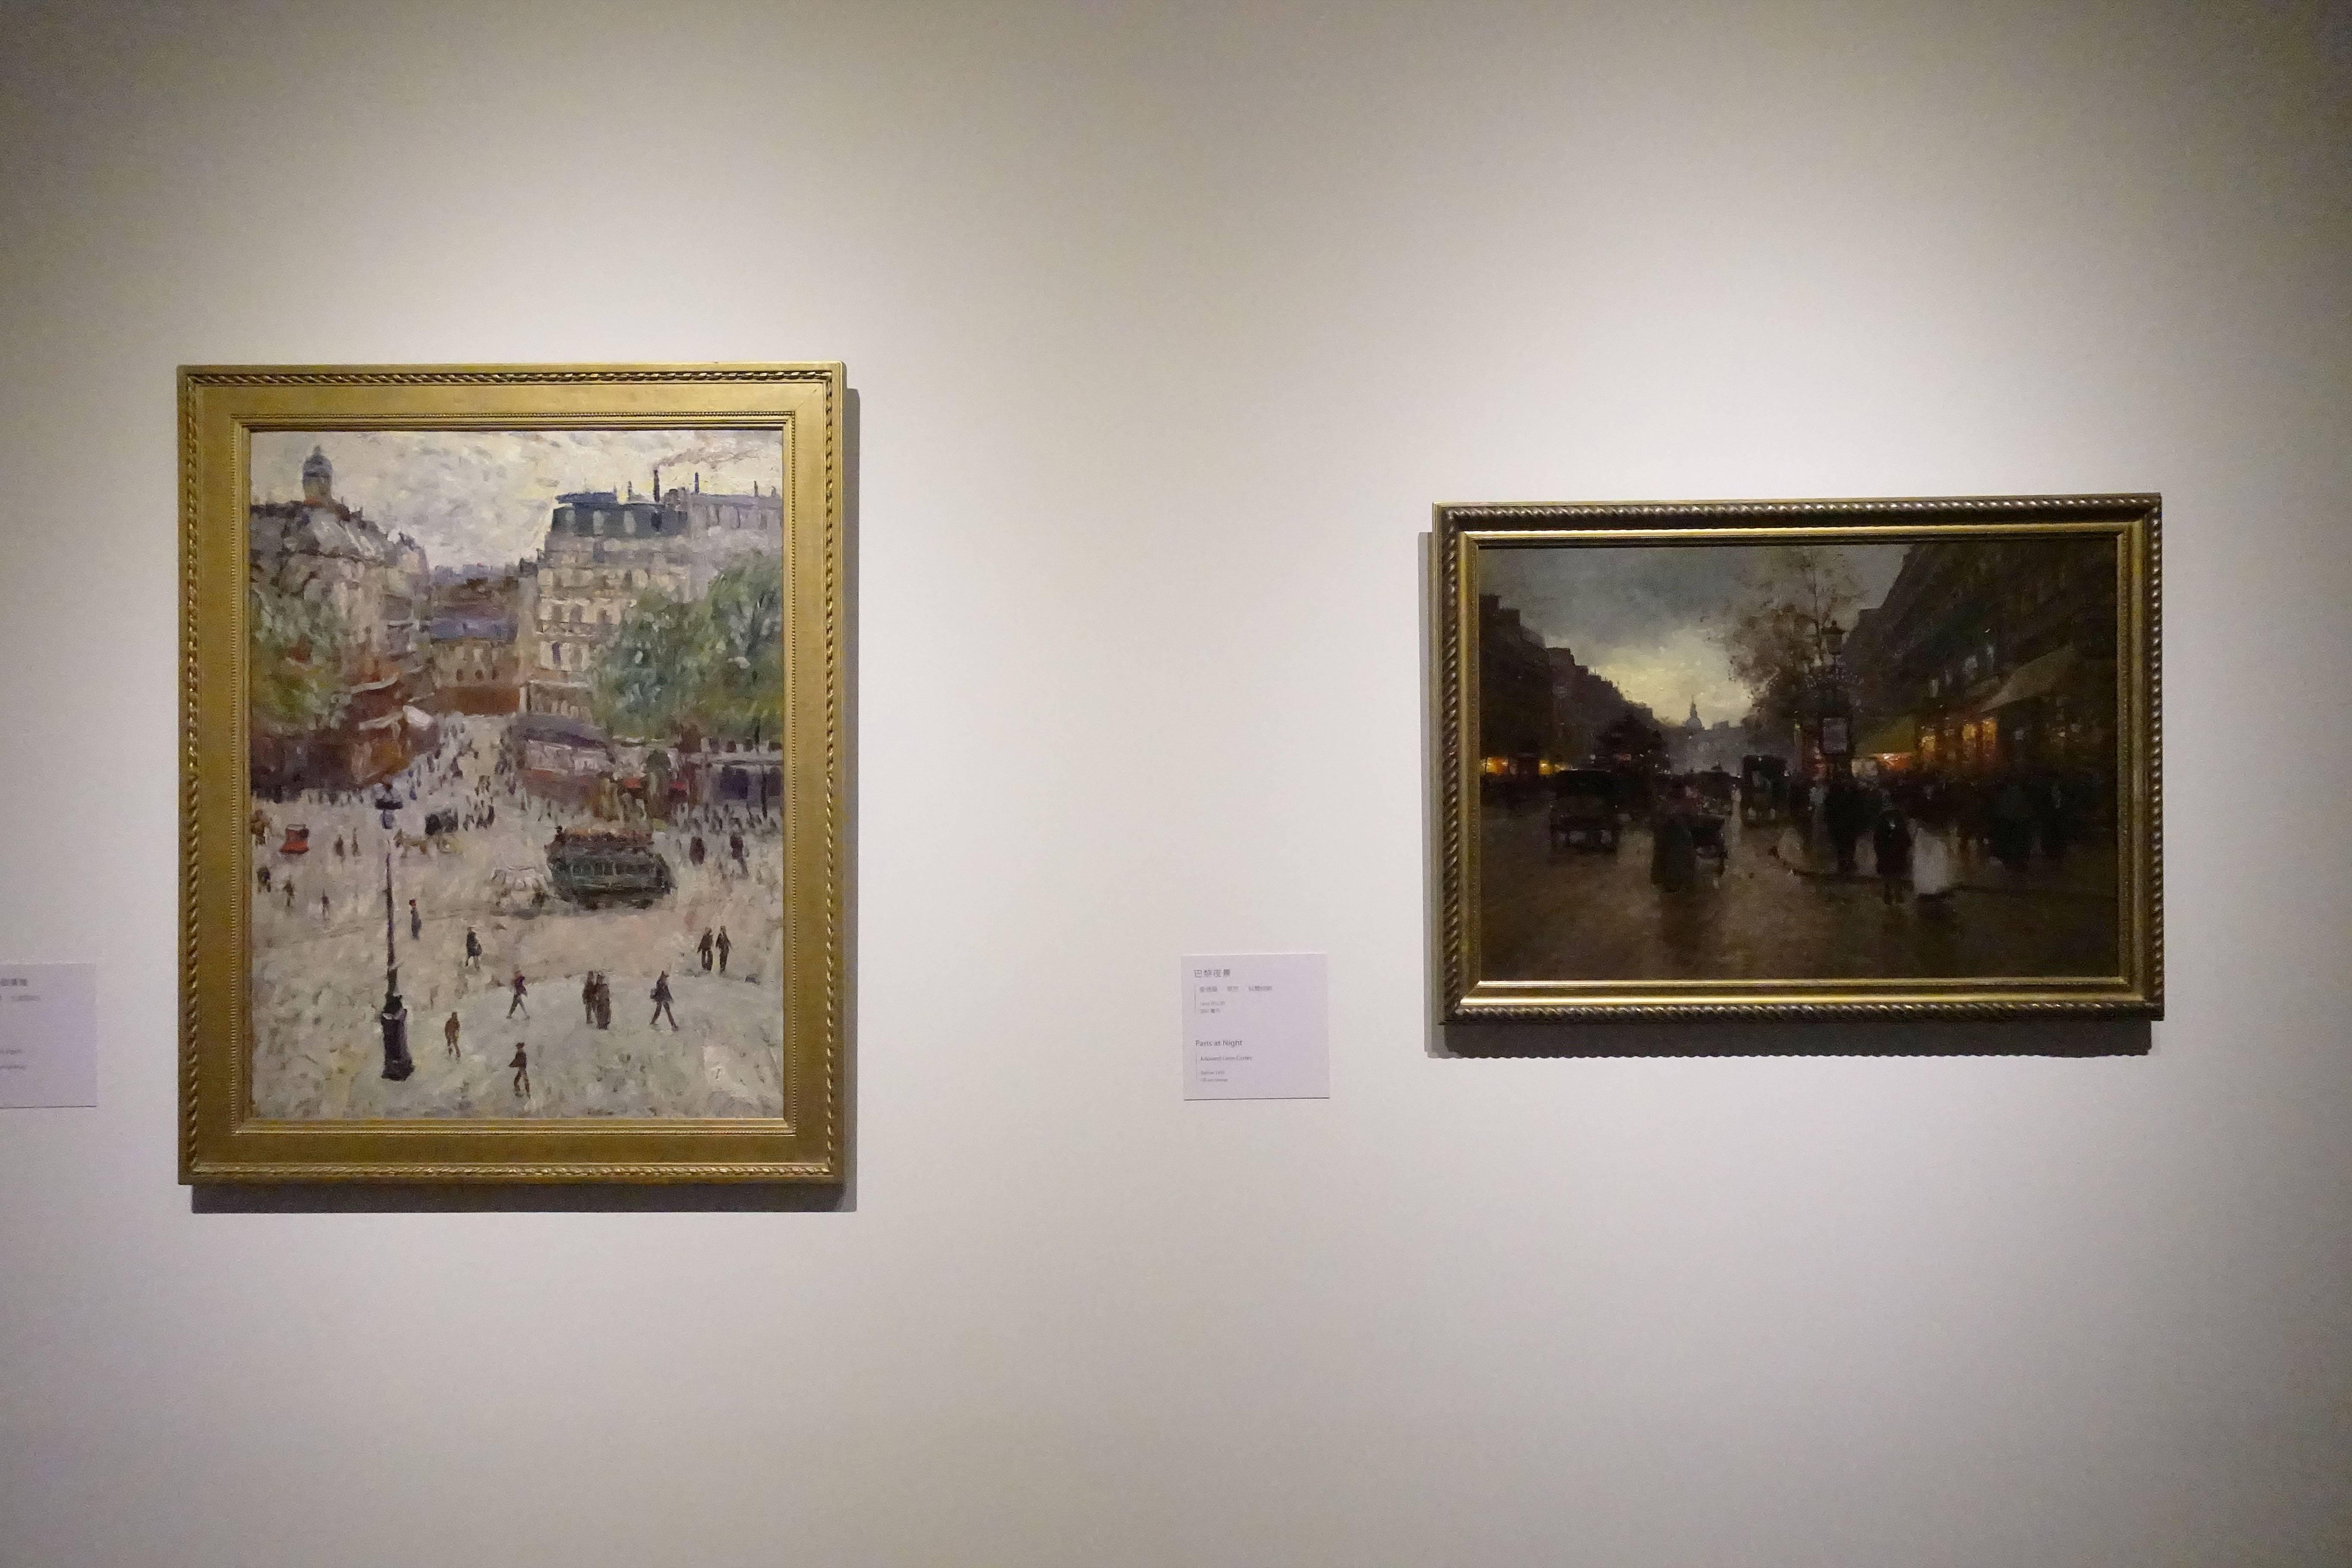 喬治-雷昂.杜弗賀諾瓦 Georges Léon Dufrénoy  ,《巴黎的某個廣場 A Square in Paris》,油彩、畫布 Oil on canvas(左)。愛德華-萊昂.科爾特斯 Edouard-Léon Cortès ,《巴黎夜景 Paris at Night》,油彩、畫布 Oil on canvas(右)。